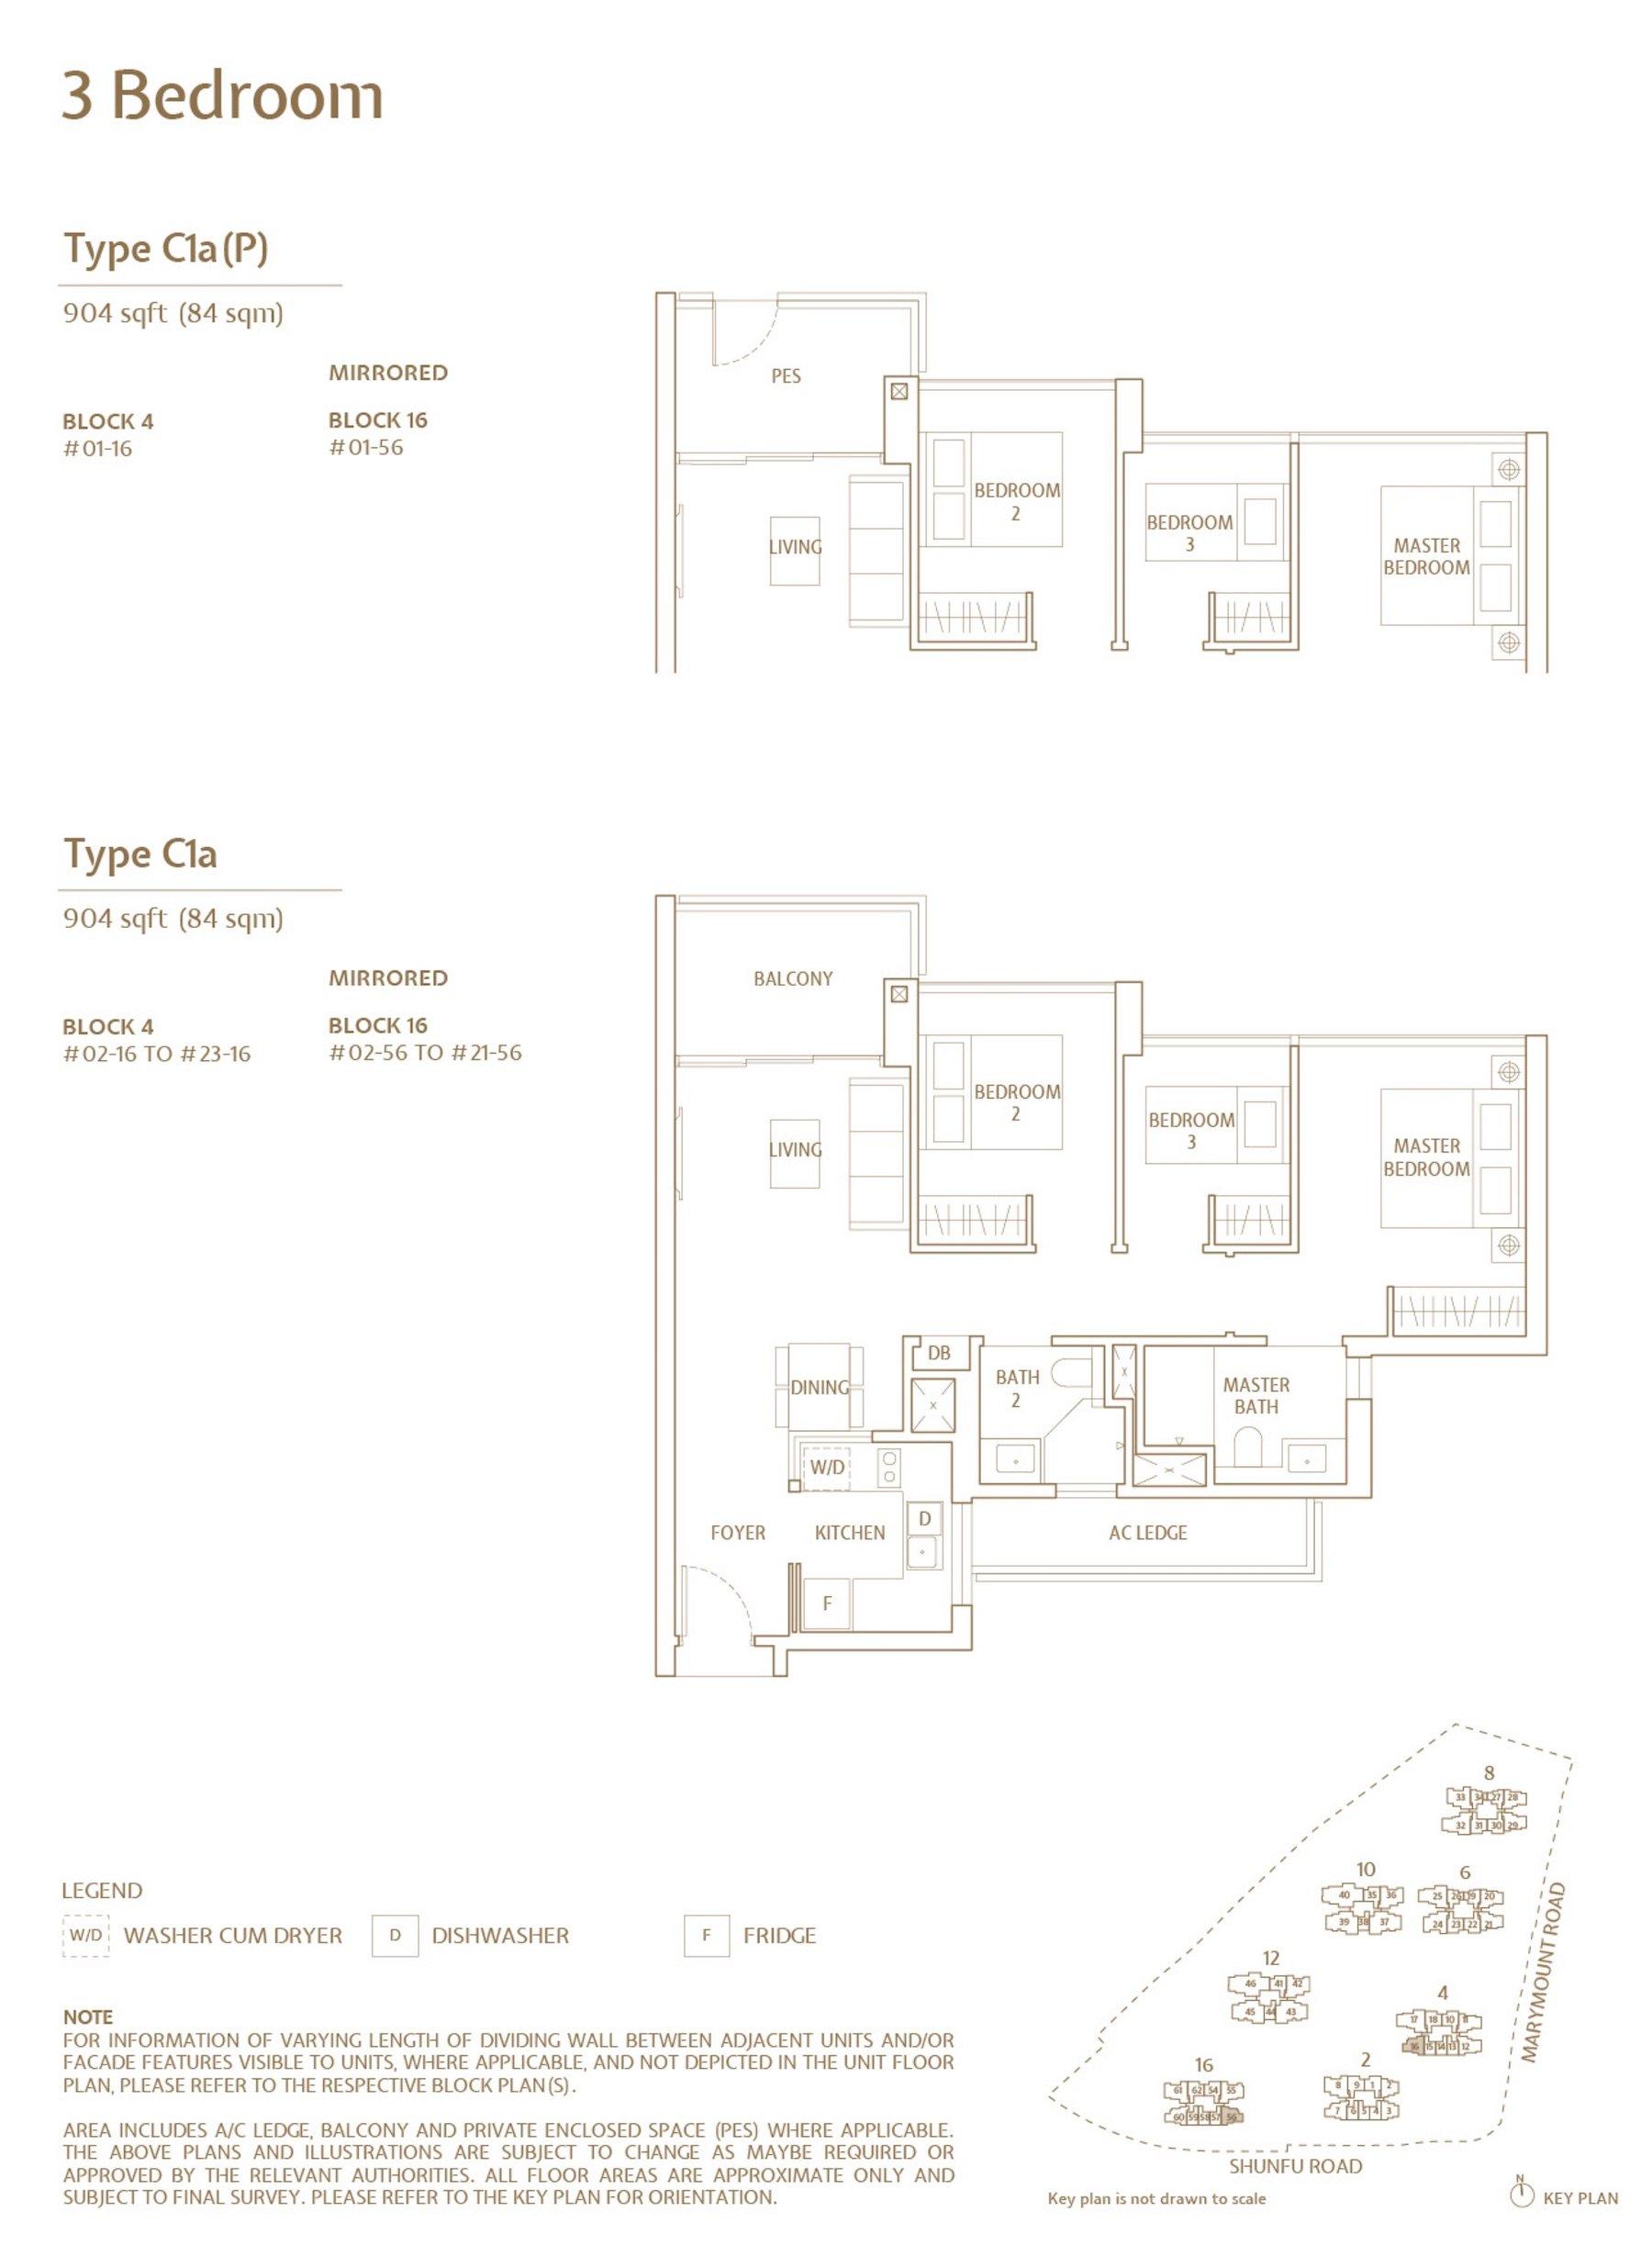 Jadescape 顺福轩 condo 3 bedroom type C1a